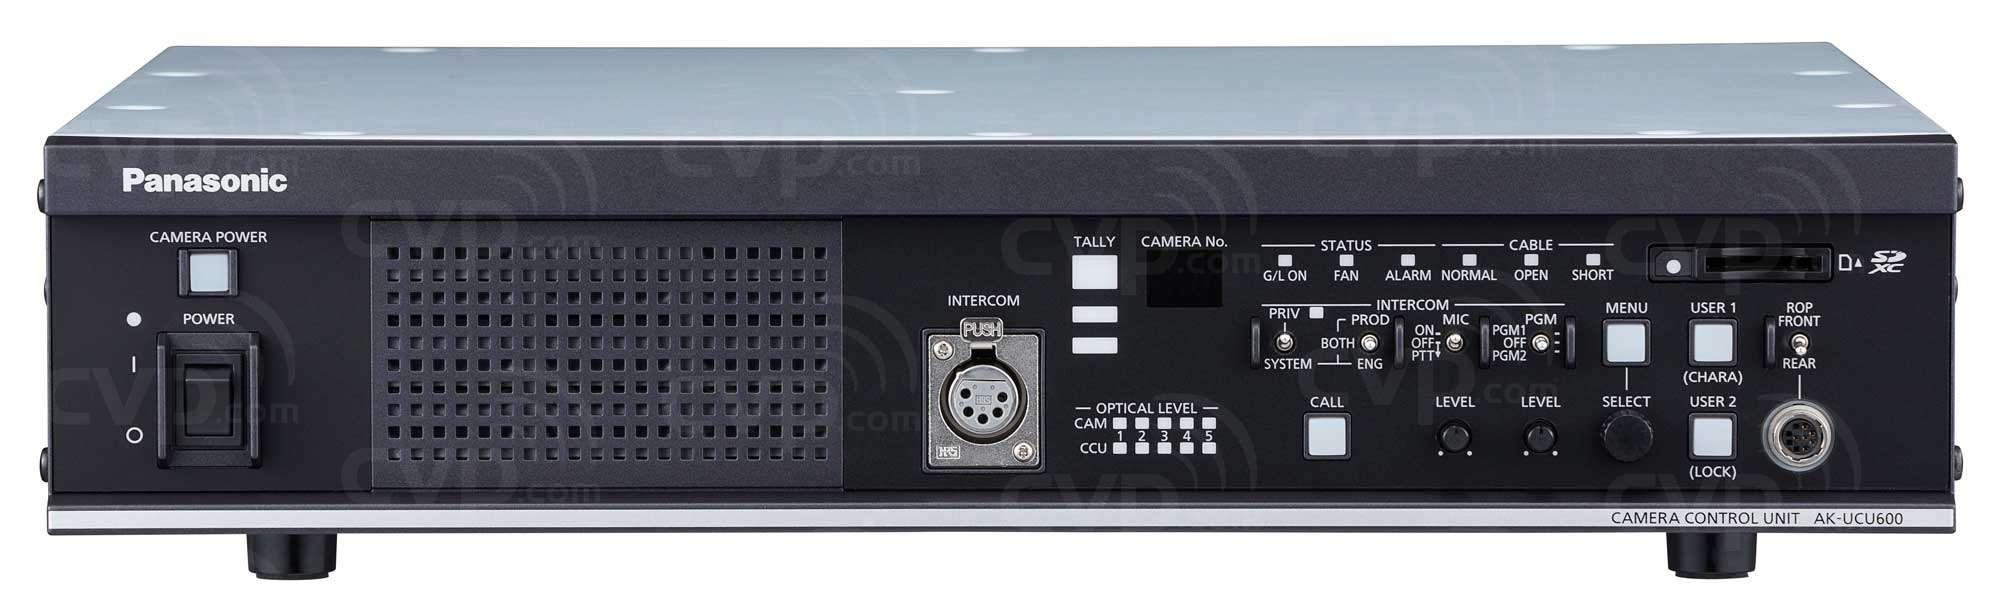 PANASONIC AK-UCU500 CAMERA DRIVERS PC